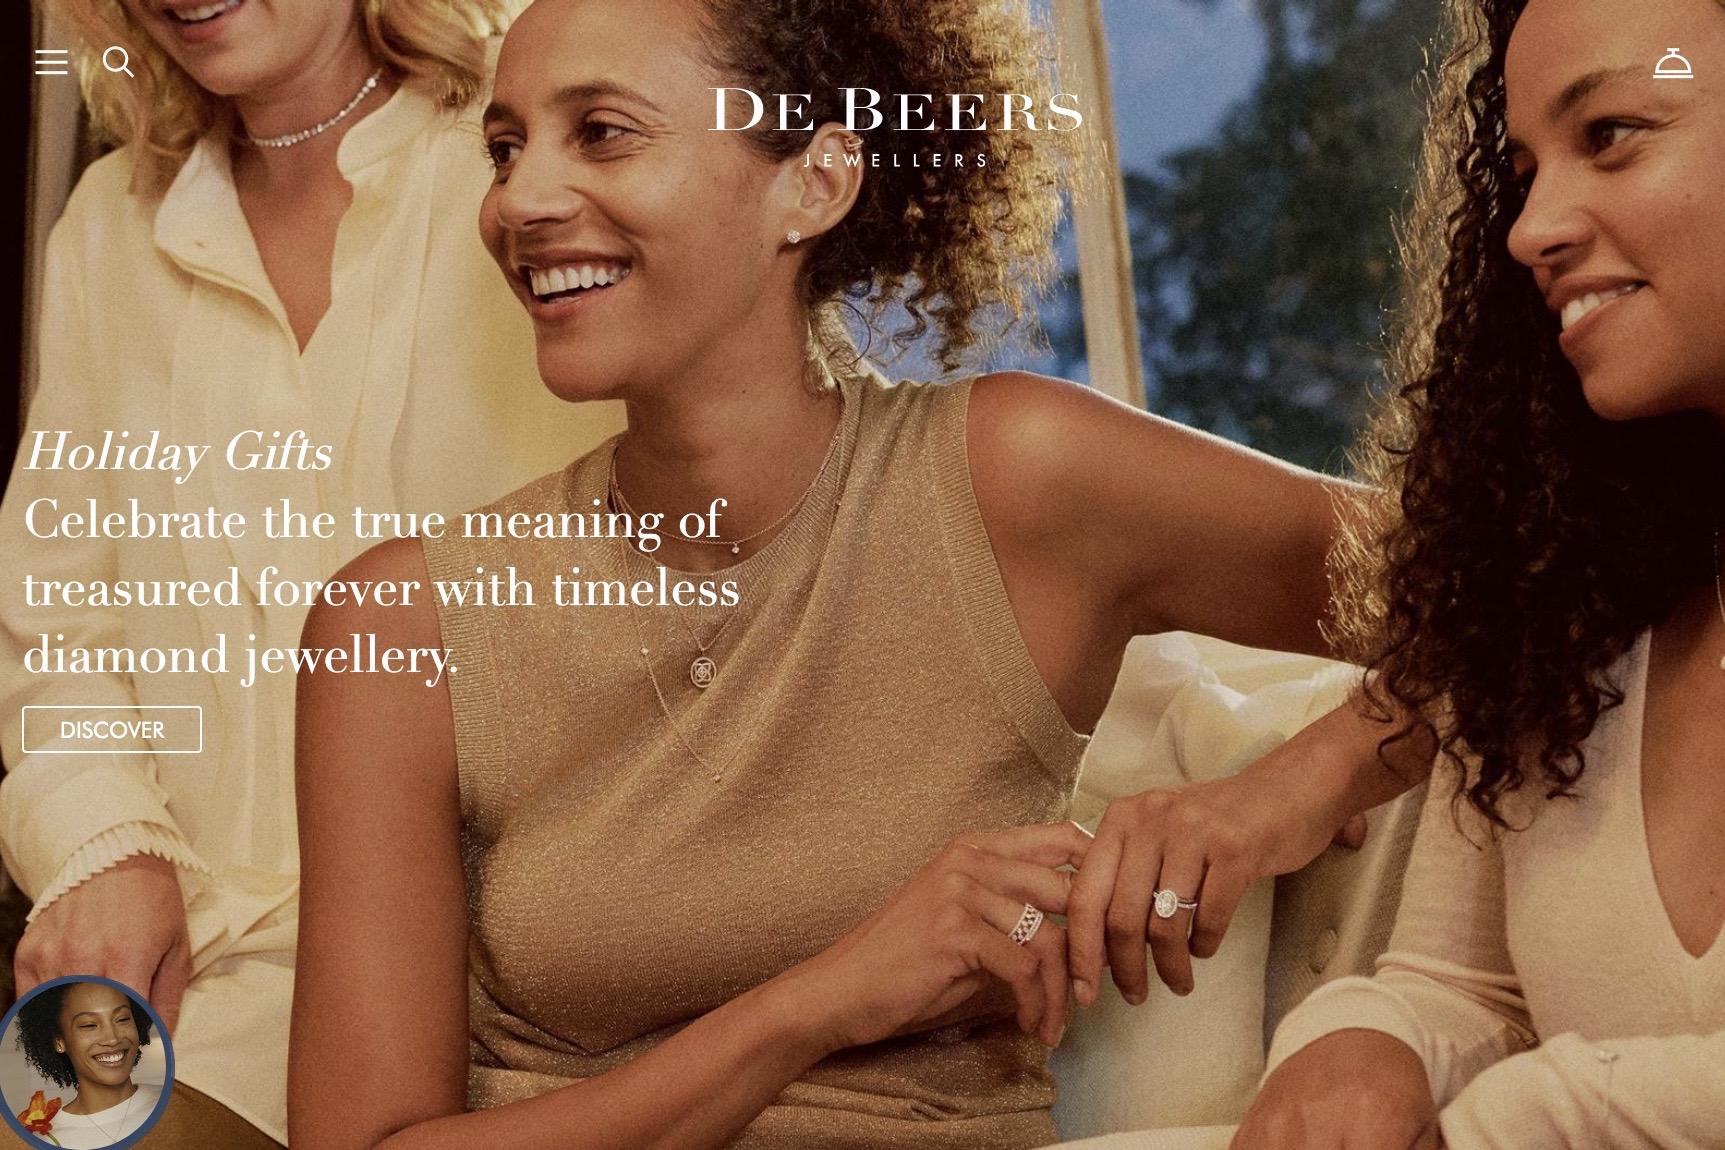 De Beers 钻石原石最新销售周期有所回升,中美两国市场需求稳定